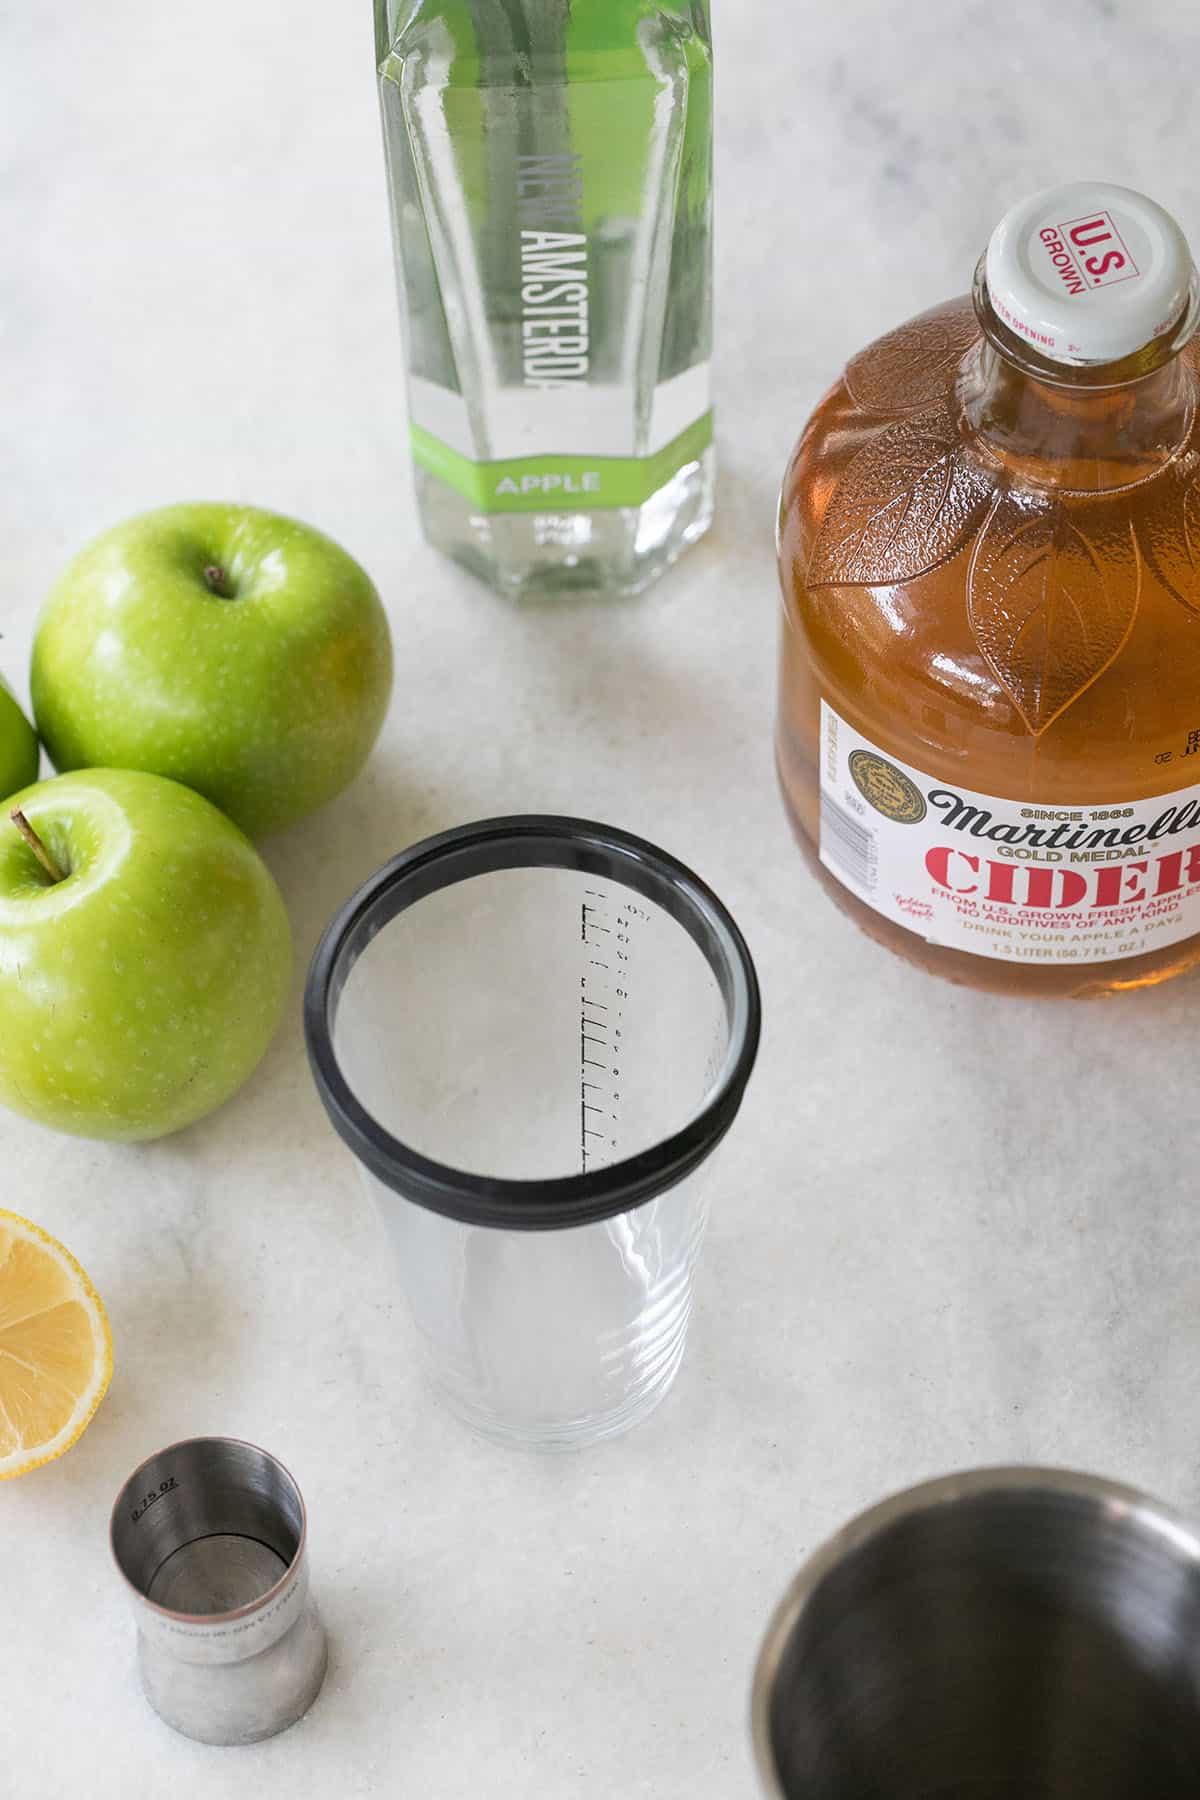 appletini ingredients